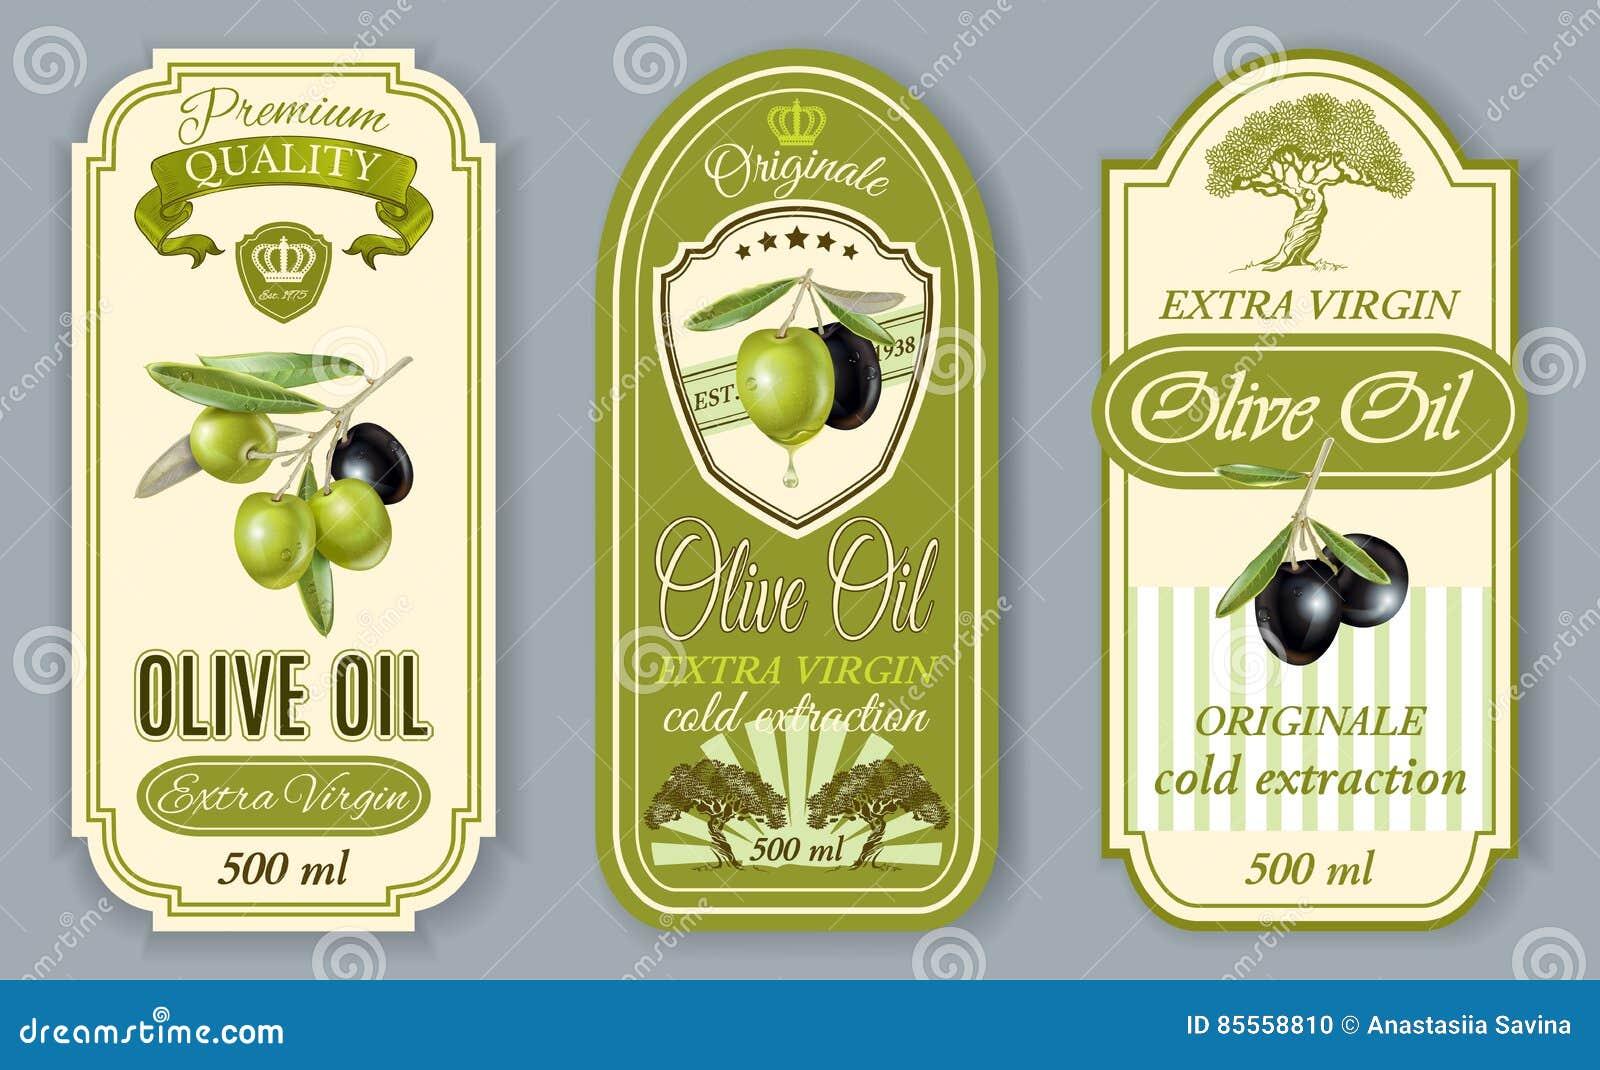 Oilve-Ölaufkleber